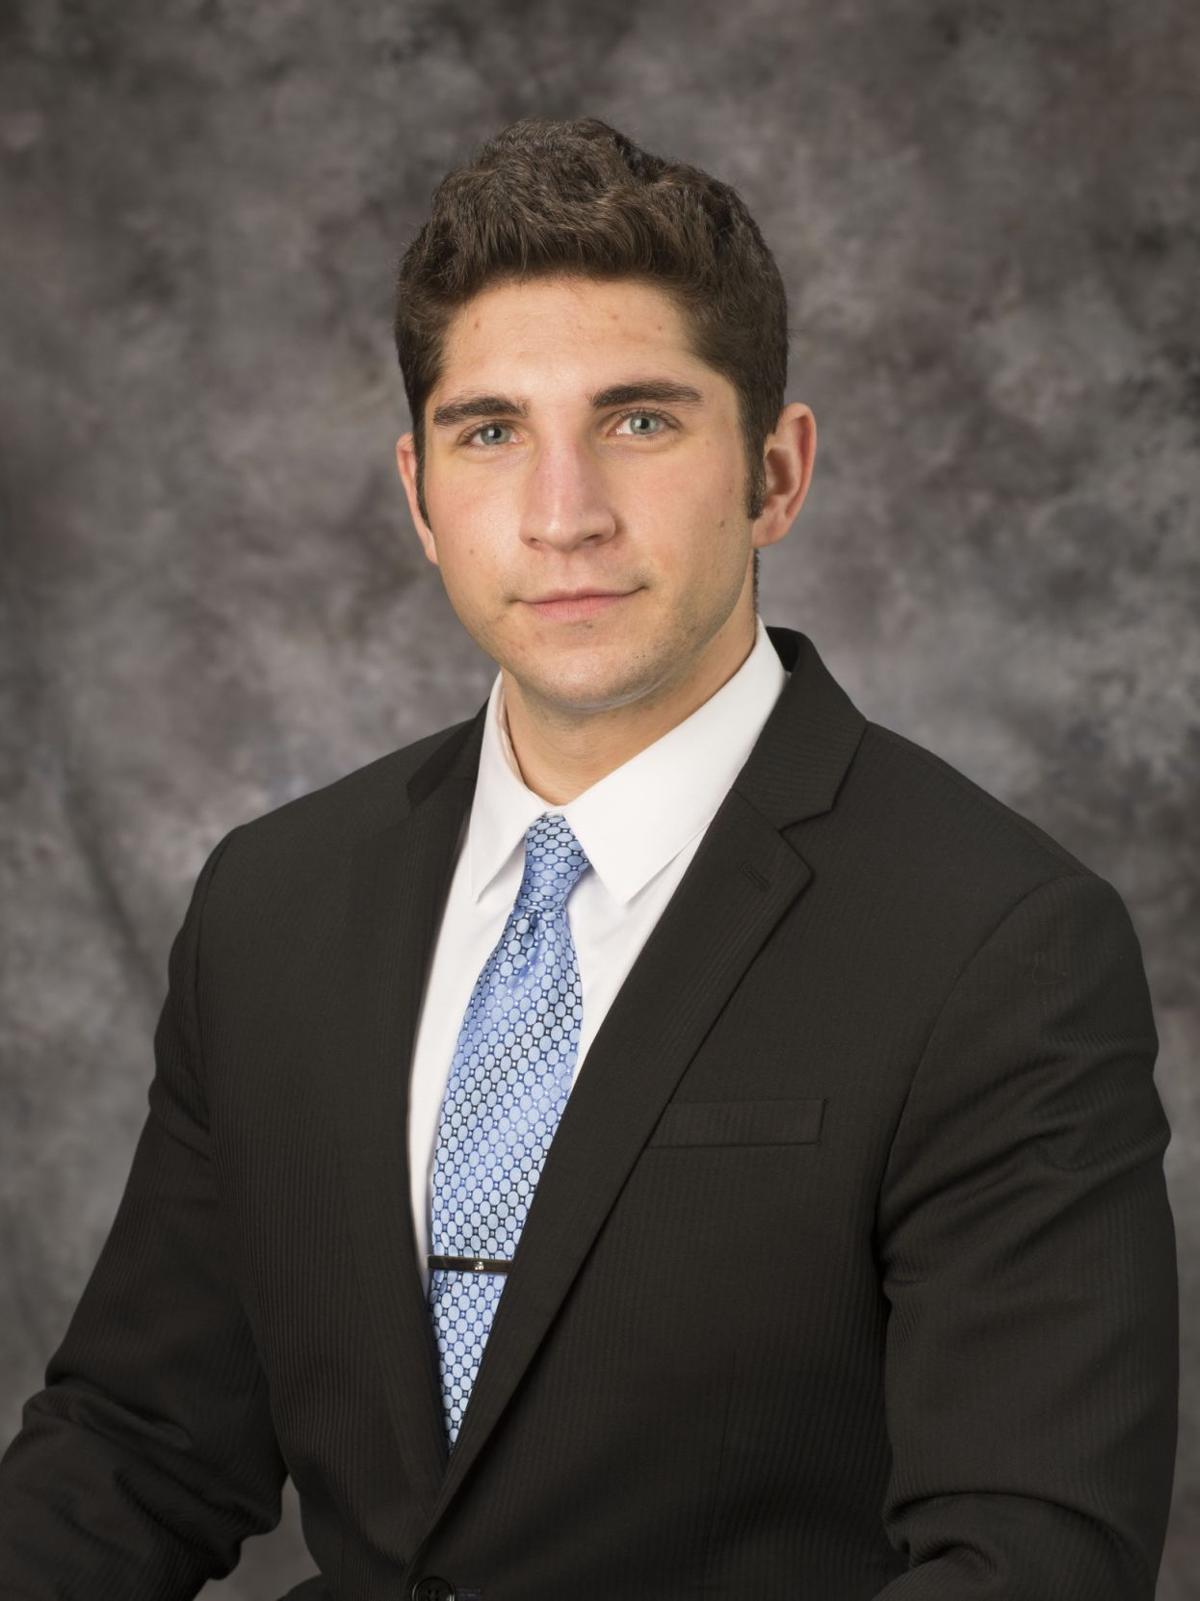 Adam M. Brown Headshot.JPG